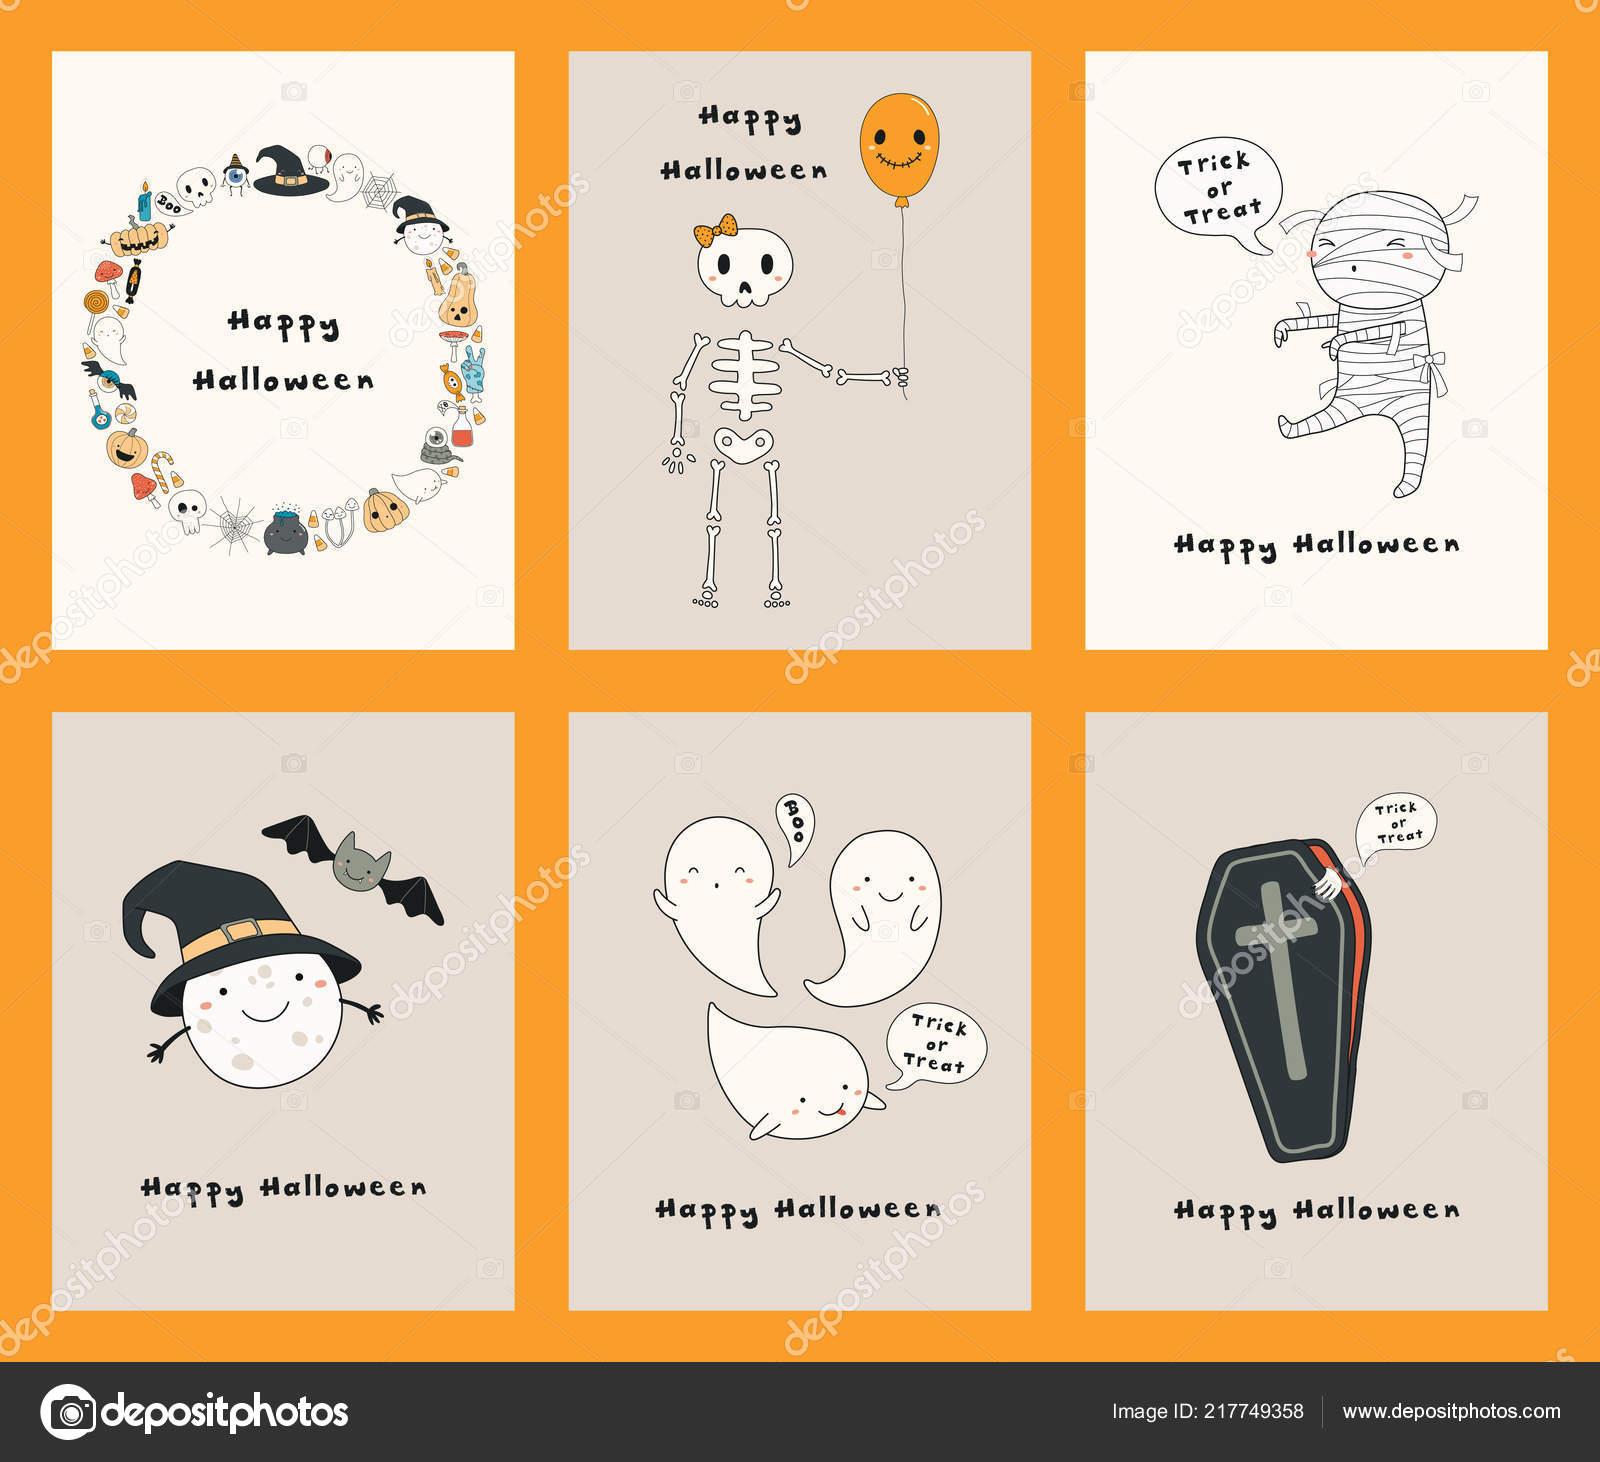 Jeu Halloween Dessinés Cartes Voeux Avec Drôles Personnages